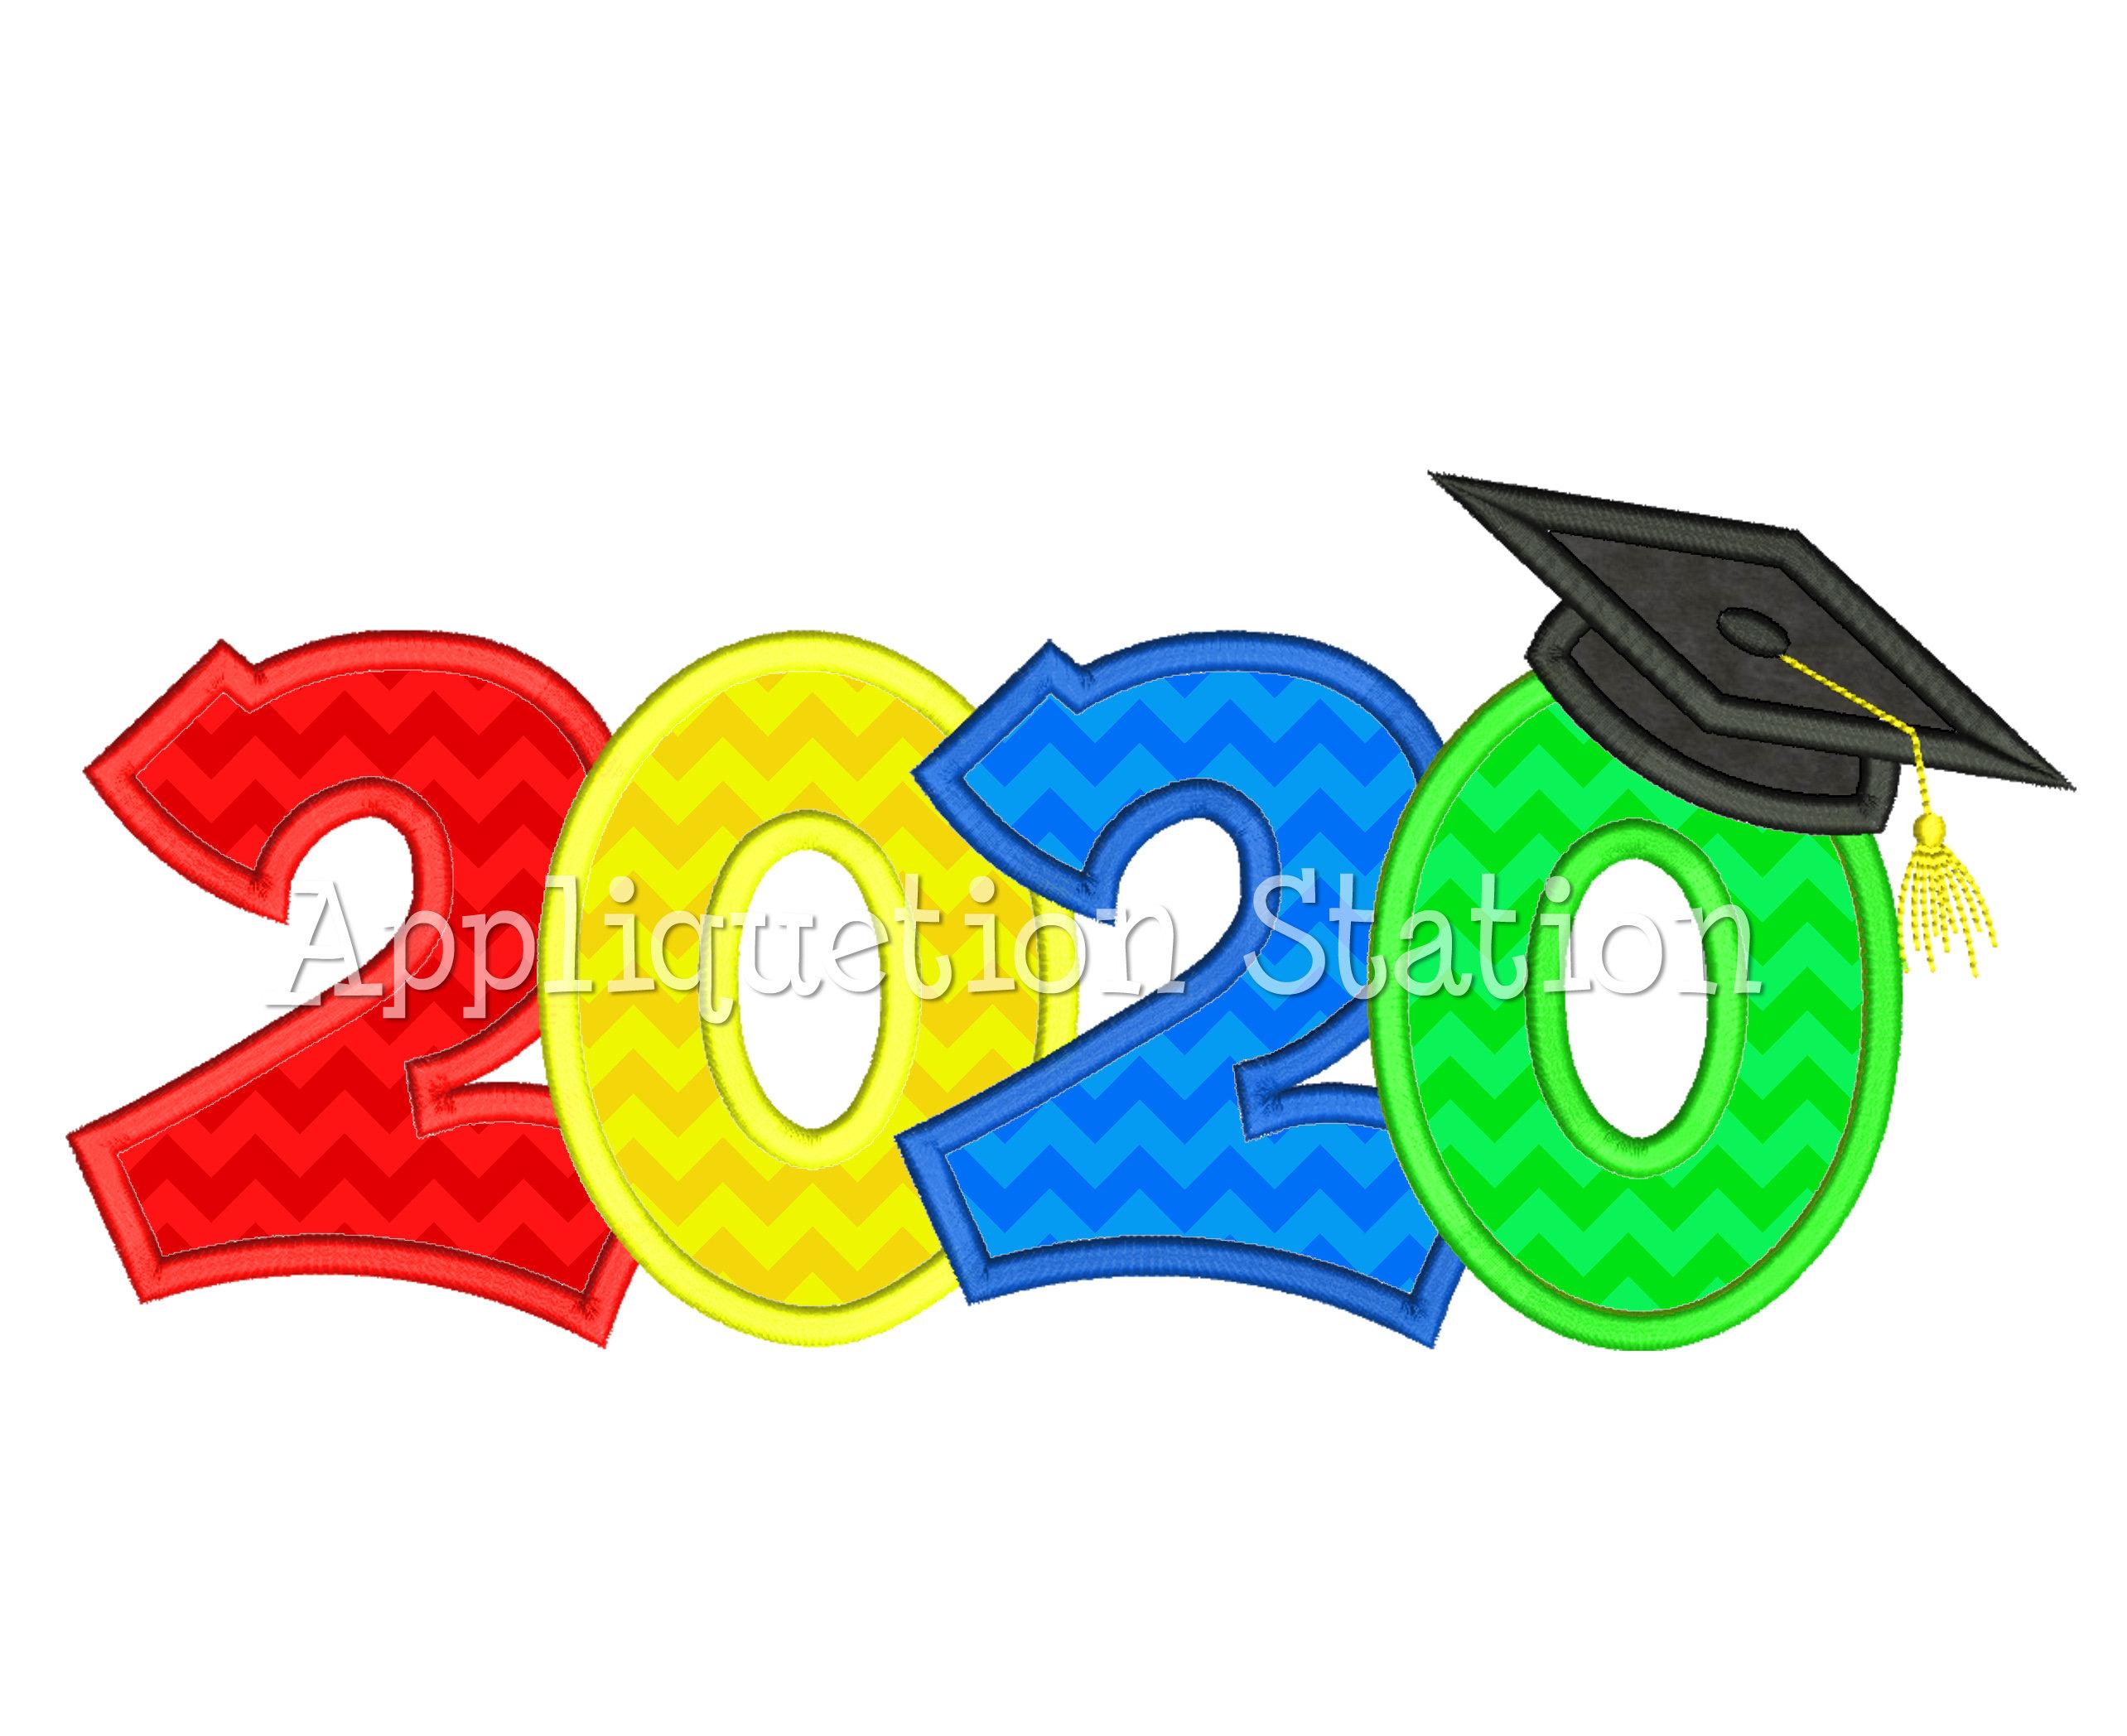 2020 Graduation Images.2020 Graduation Cap